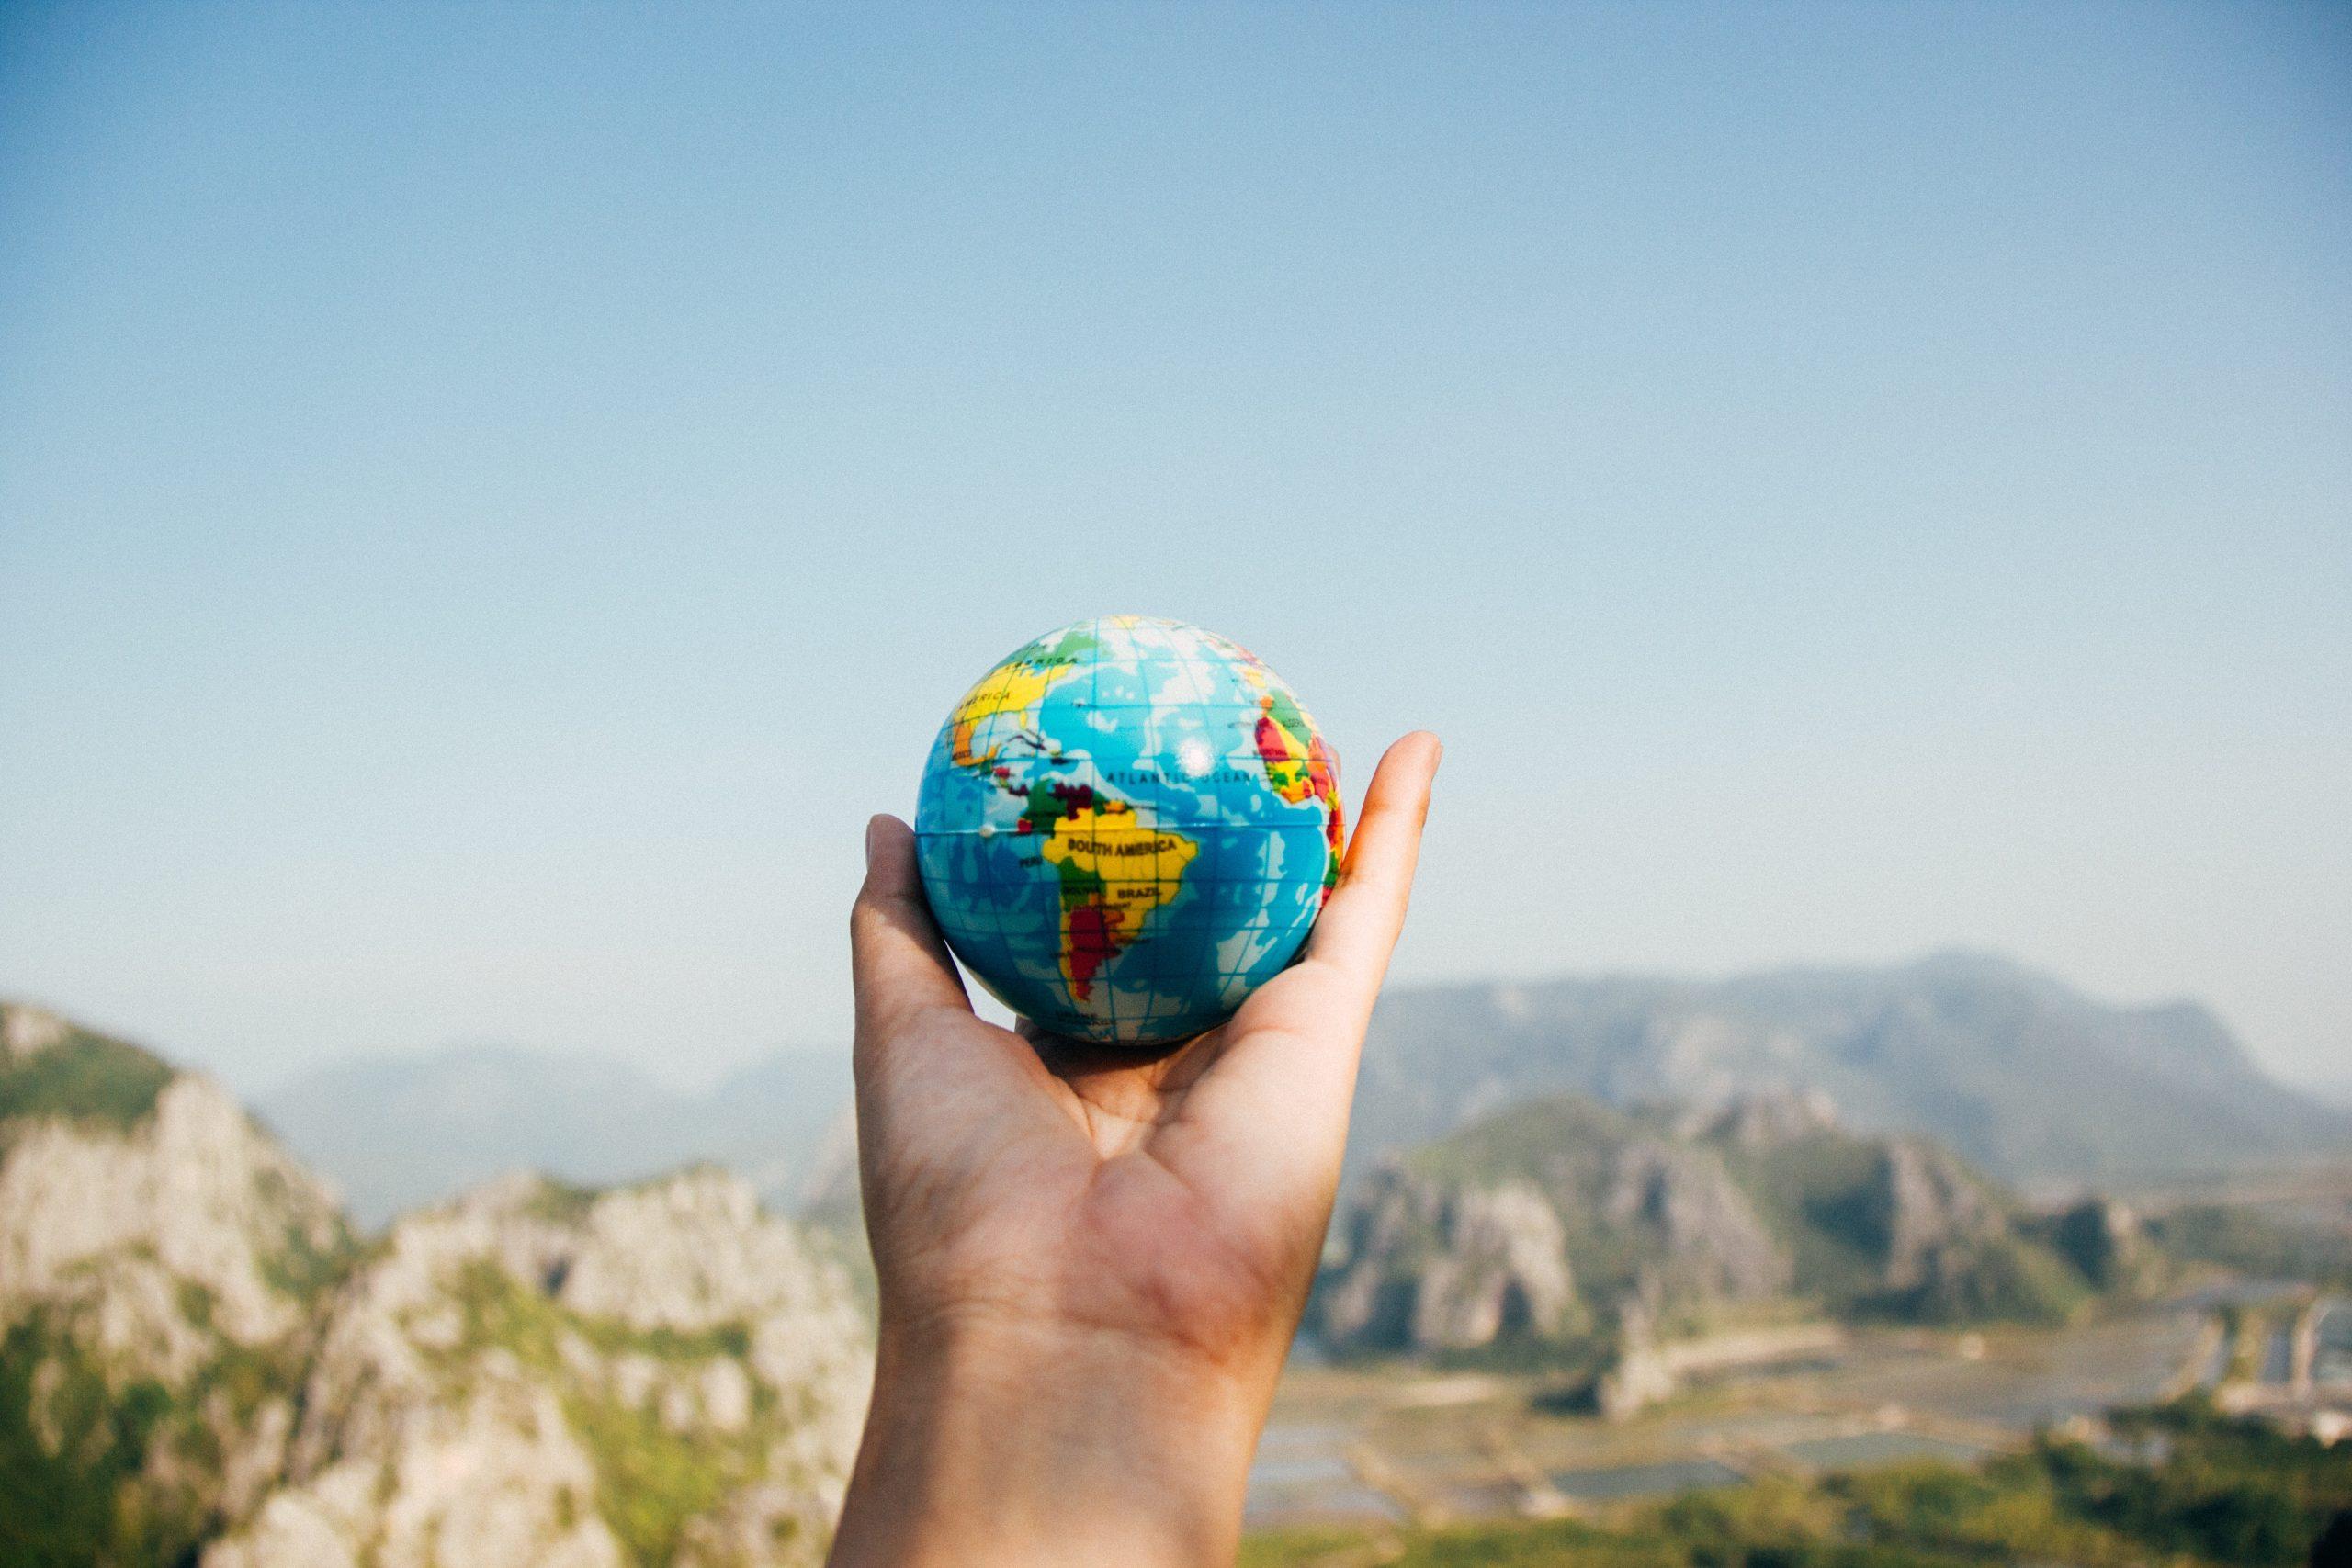 Imagem mostra uma pessoa segurando um globo terrestre.